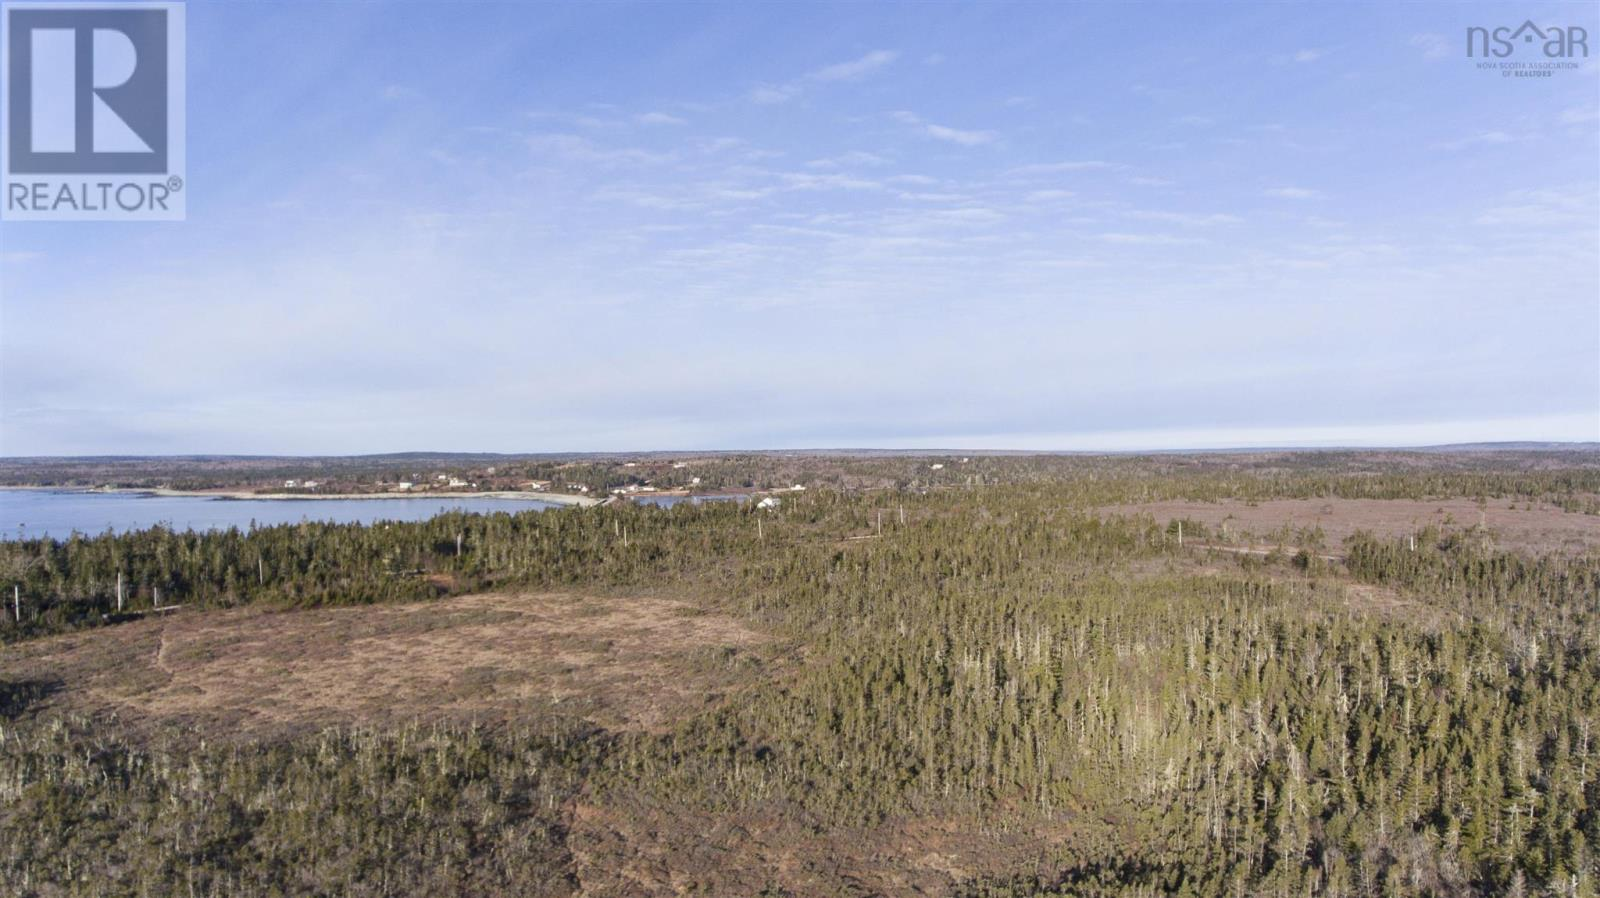 Lot 4-3 Pierce Point Road, Western Head, Nova Scotia  B0T 1G0 - Photo 2 - 202120654